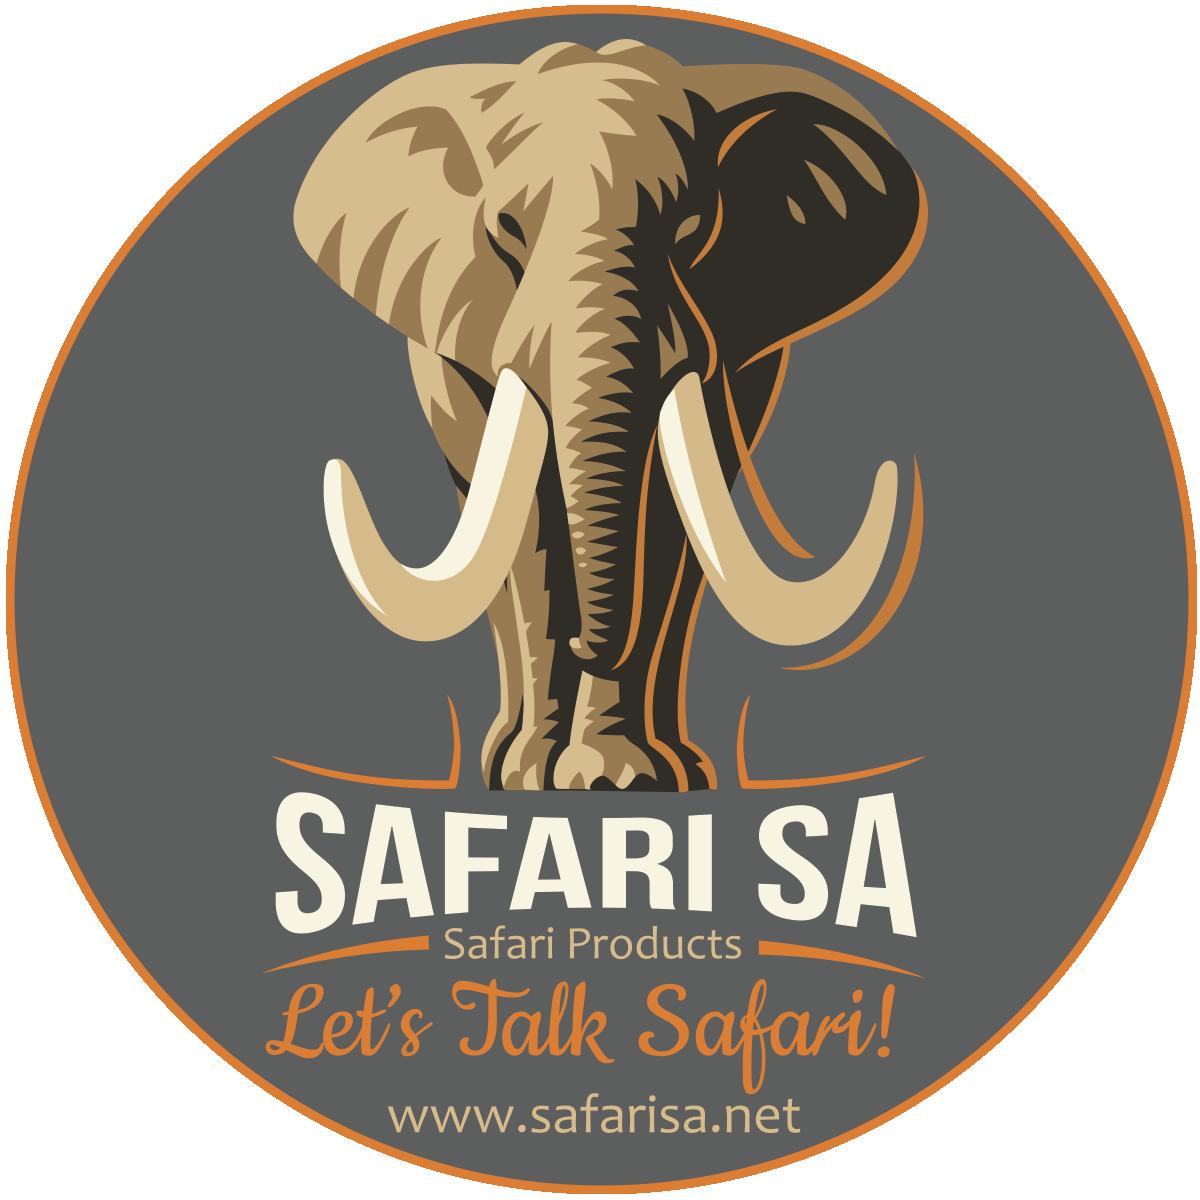 Safari SA